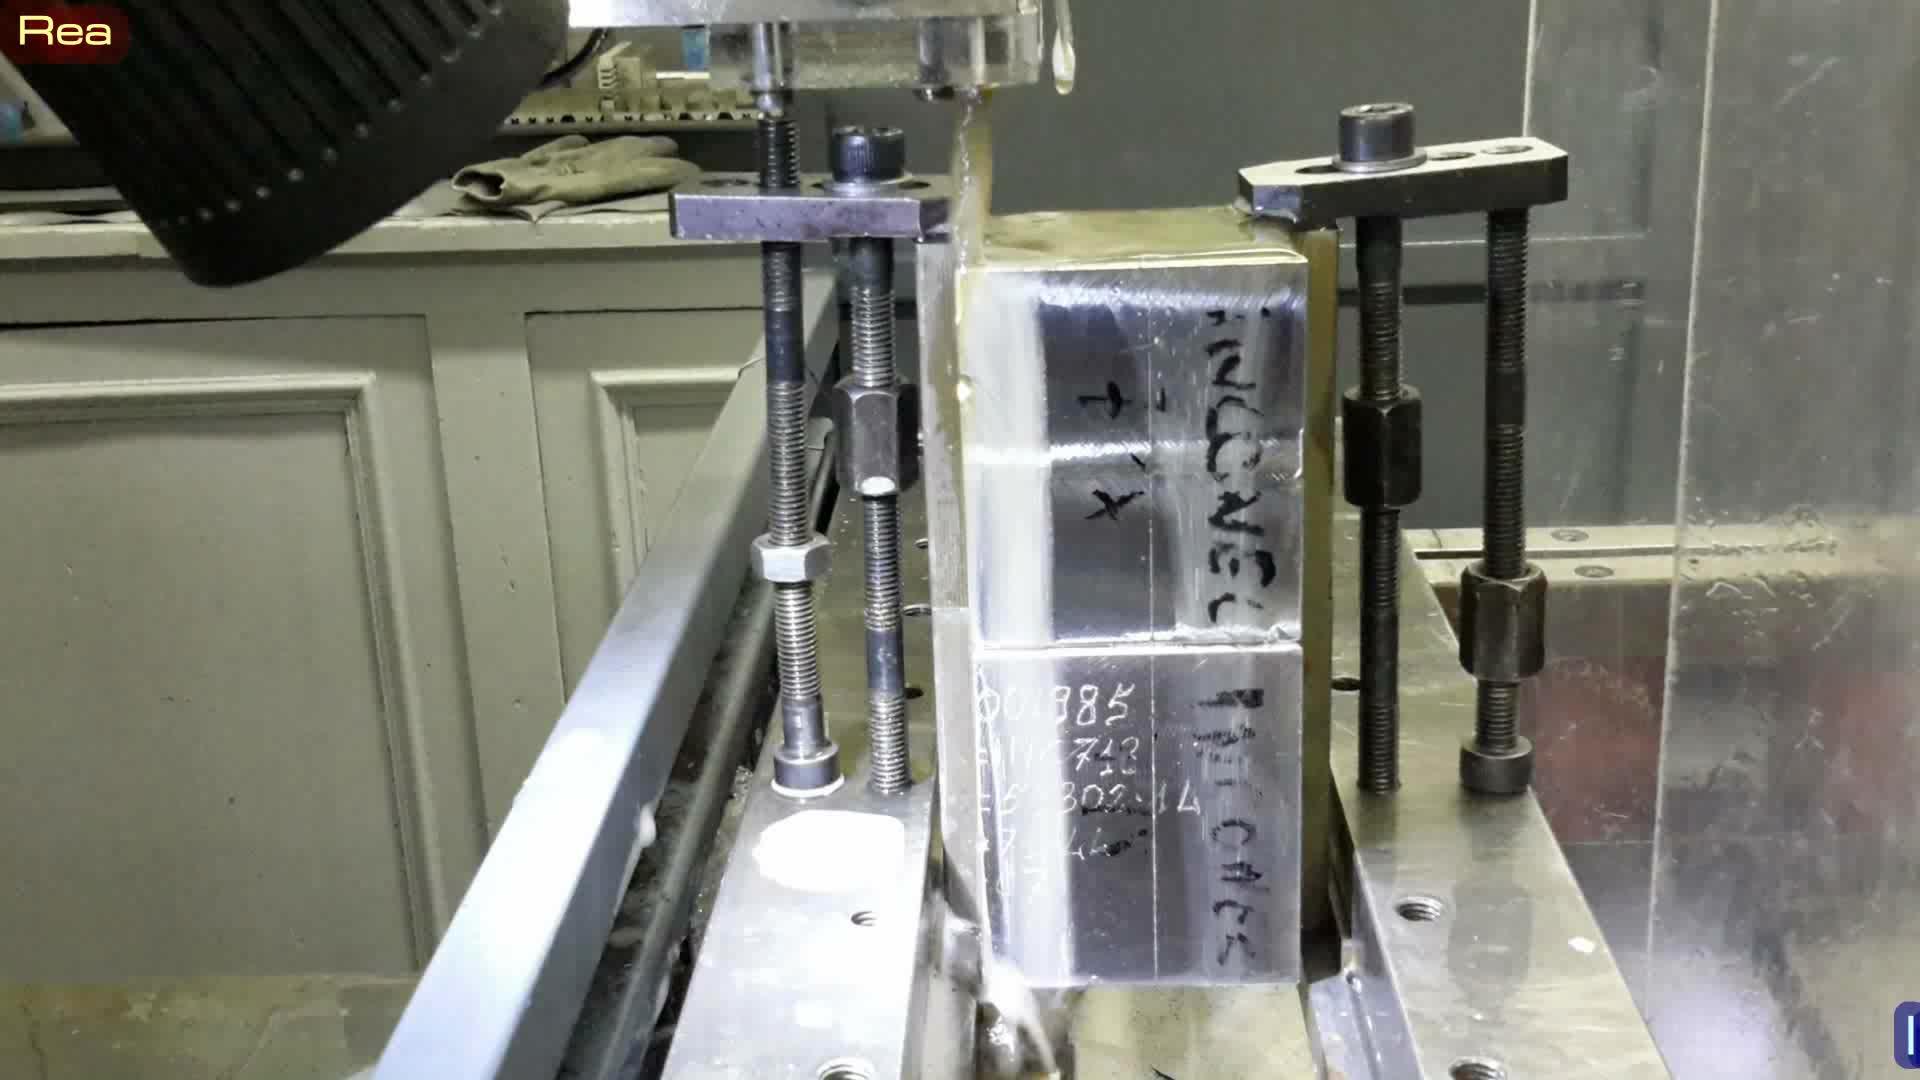 CNC Mesin Pemotong Kawat Harga DK77100